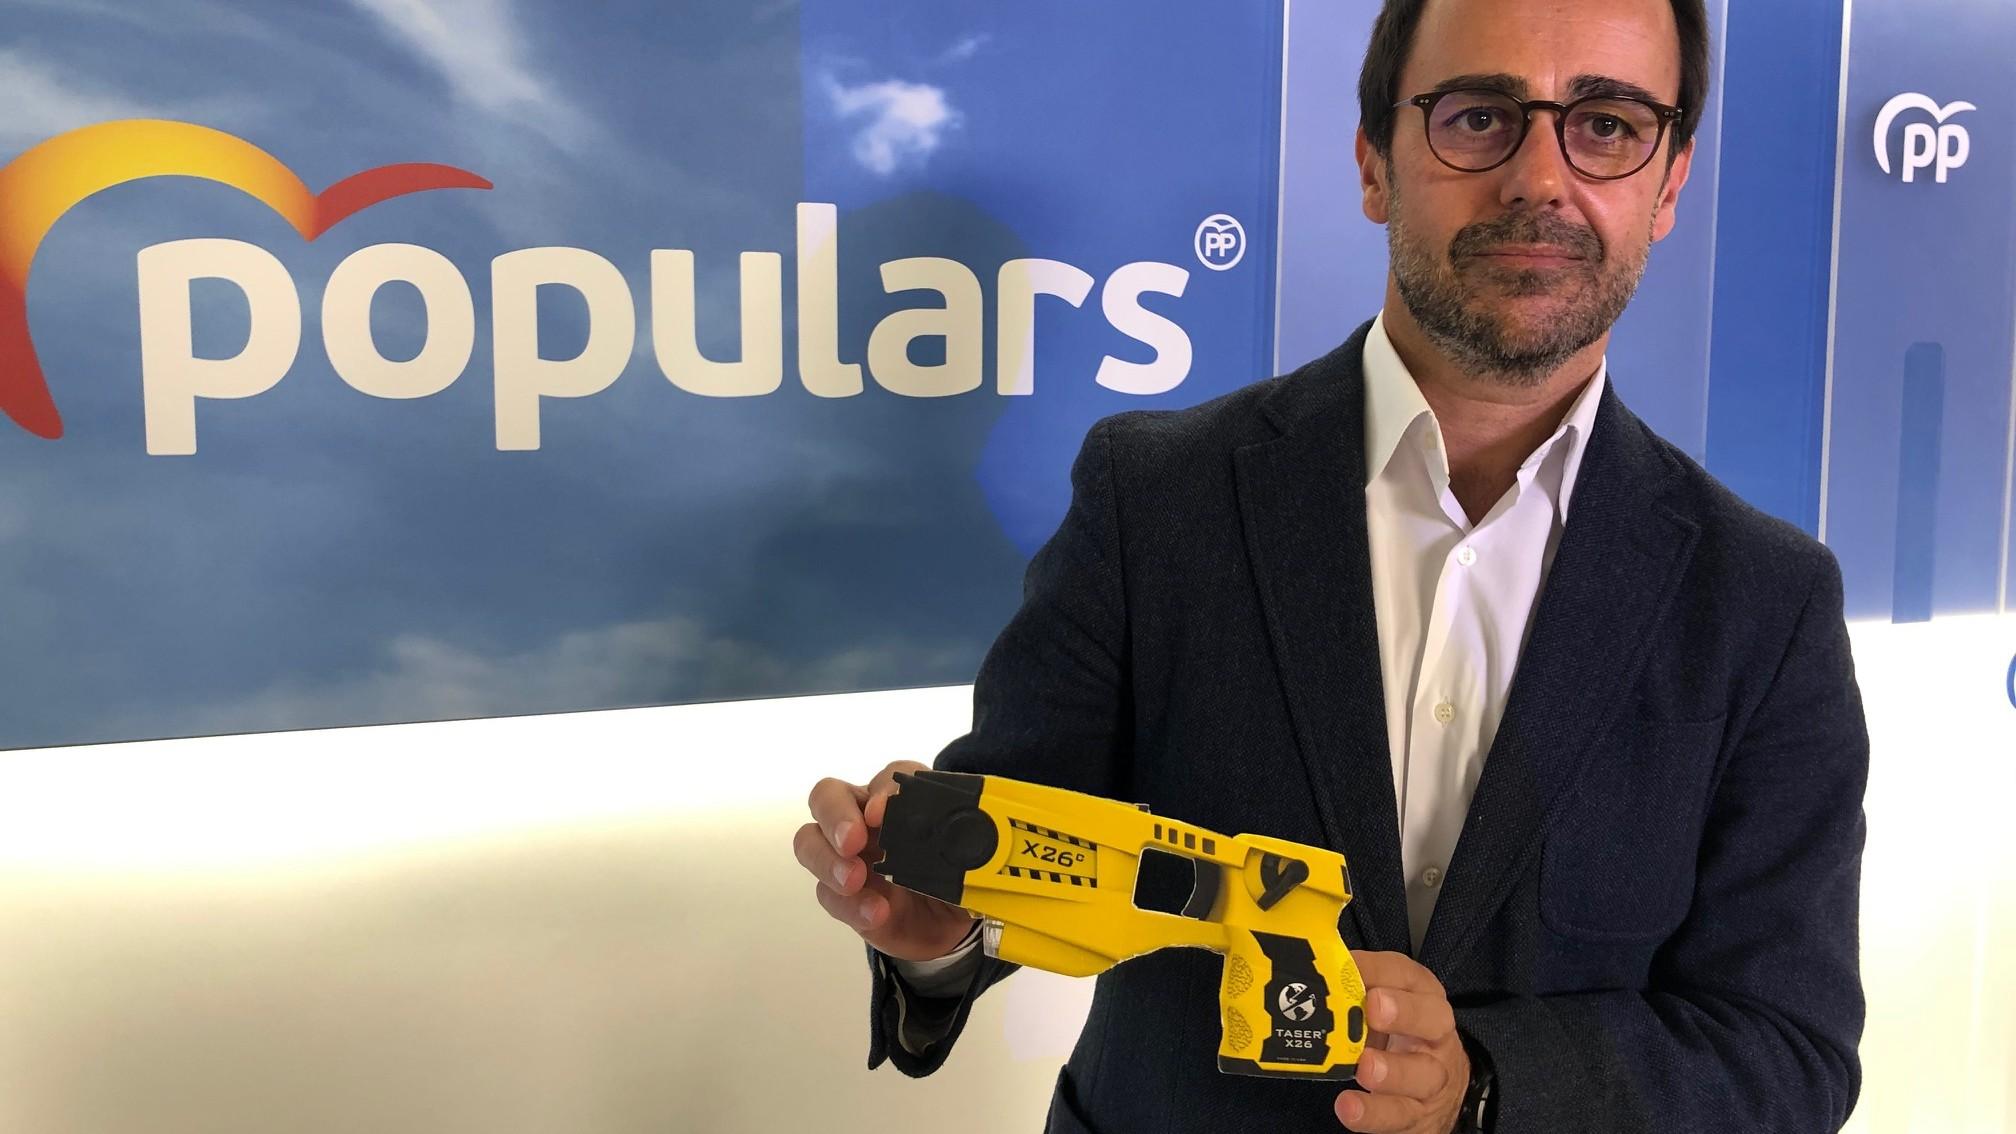 Óscar Ramírez pistola Taser